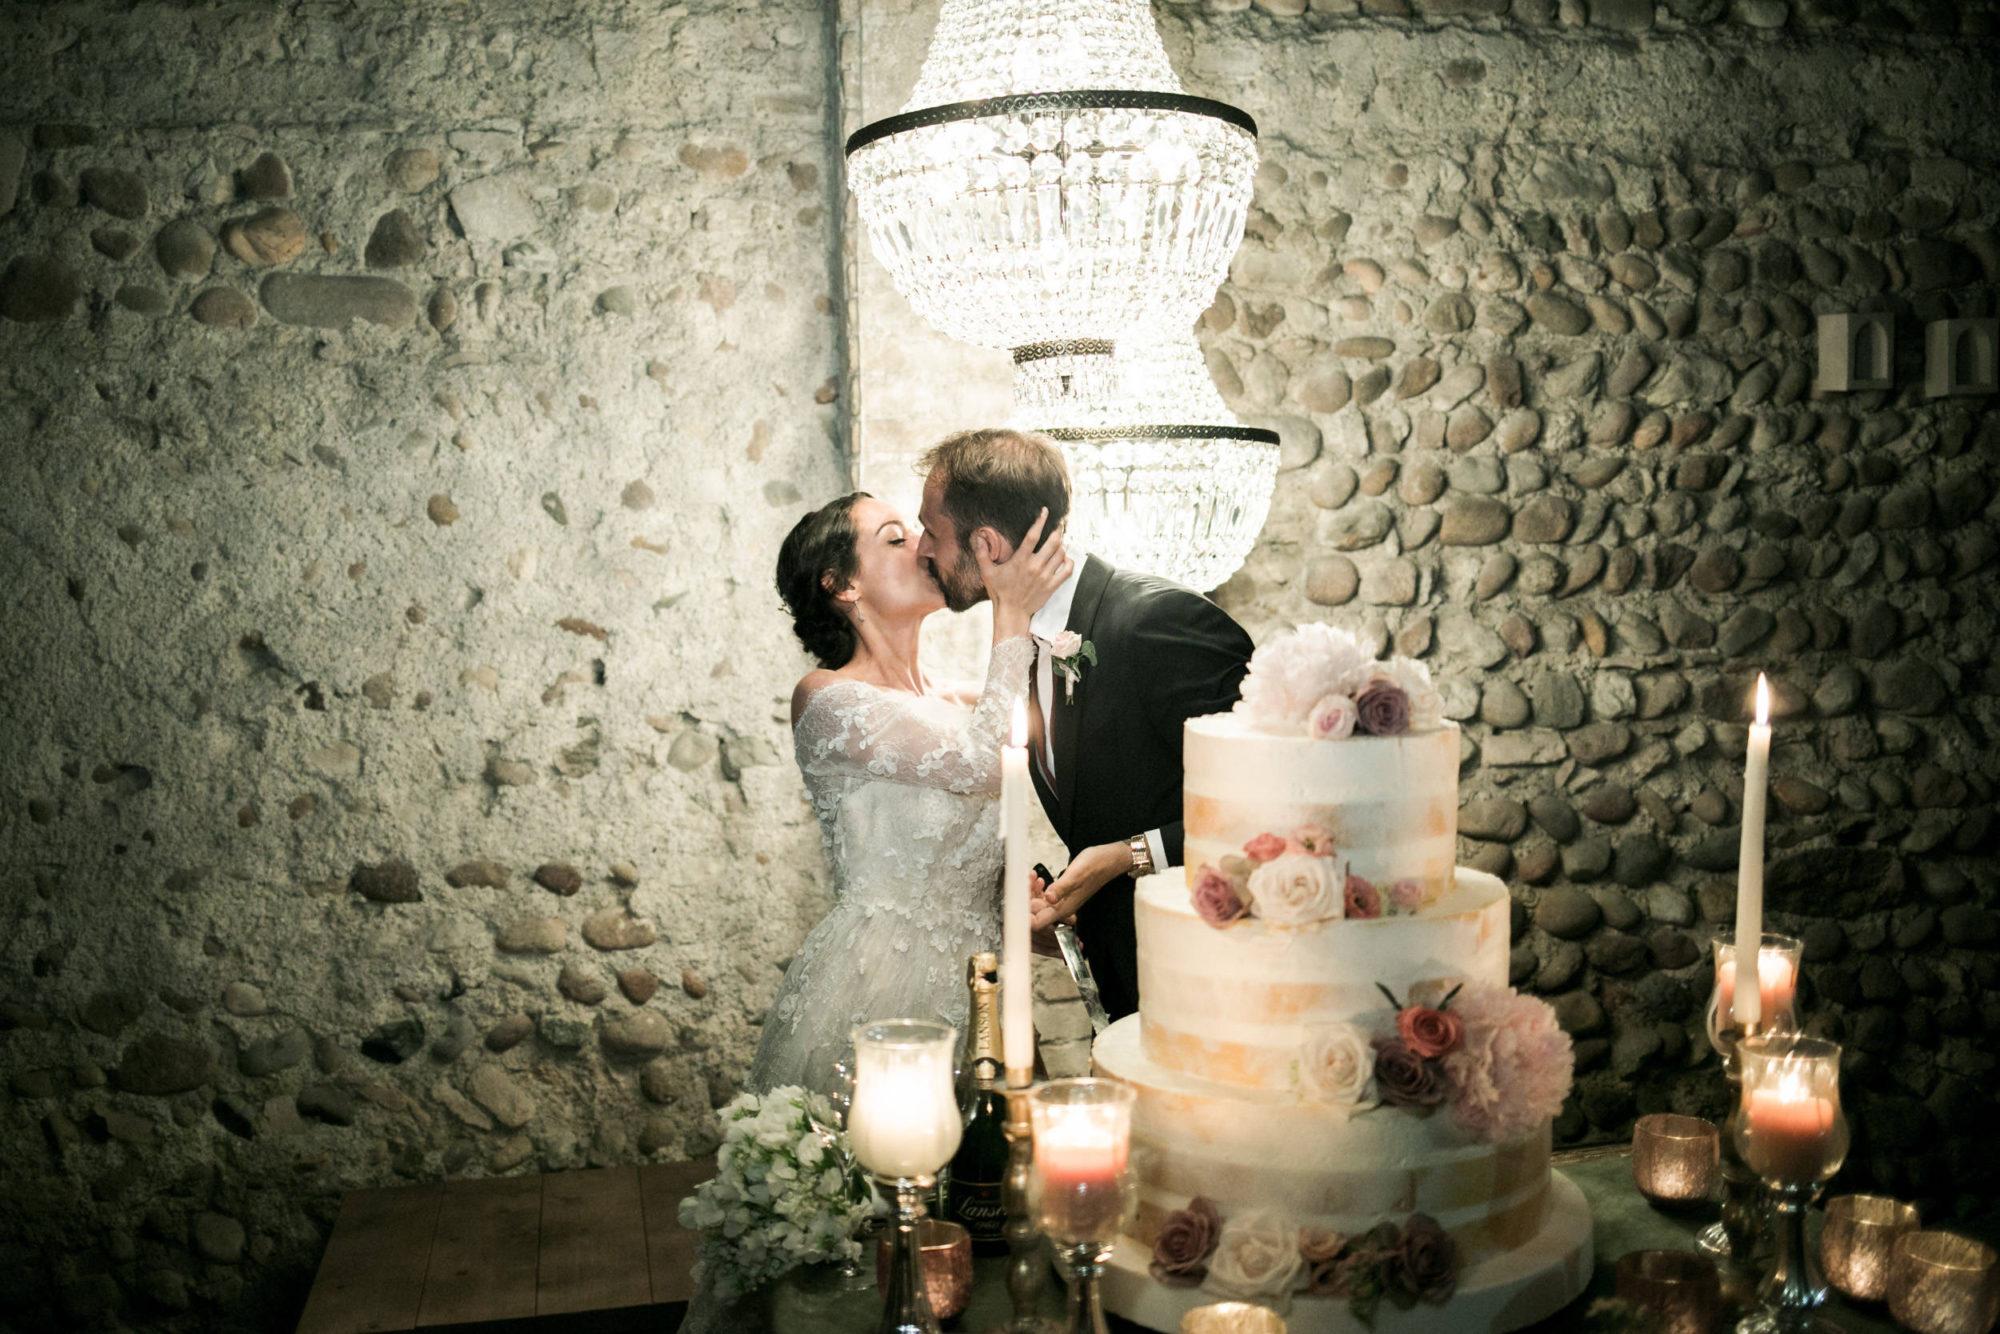 matrimonio_convento_annunciata_BA-090